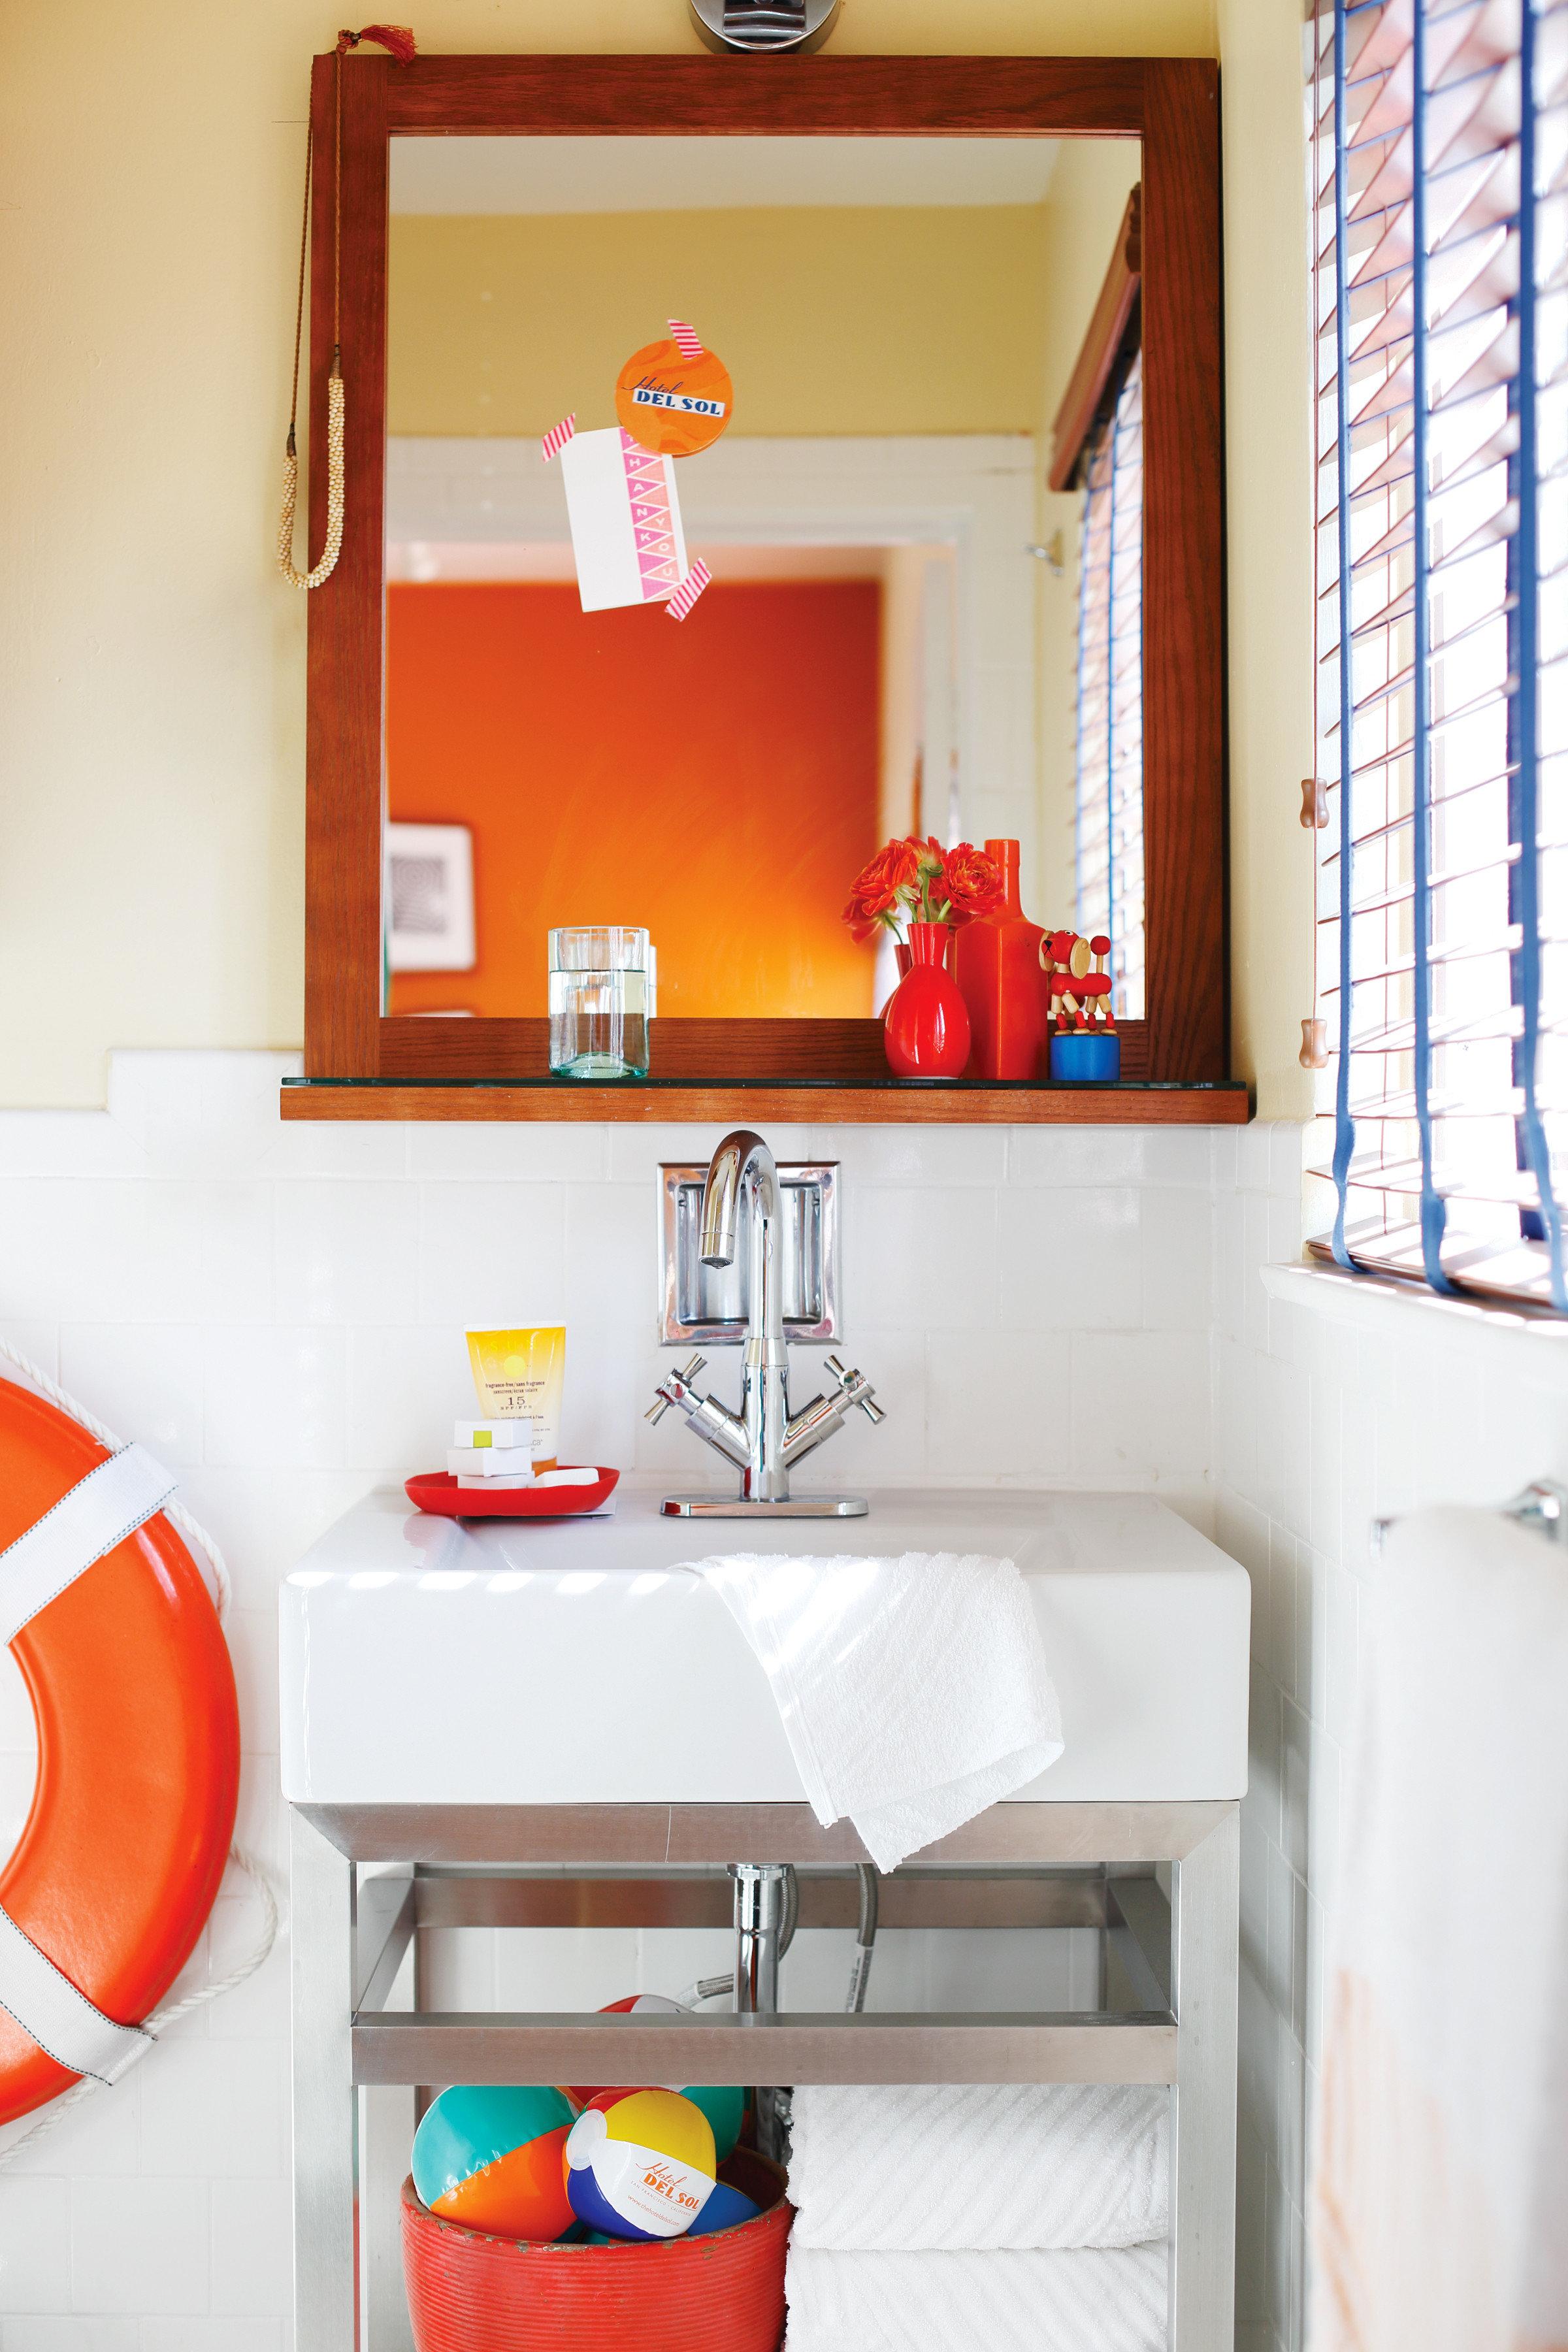 Bath Hip Modern color red home Kitchen shelf bathroom cottage living room